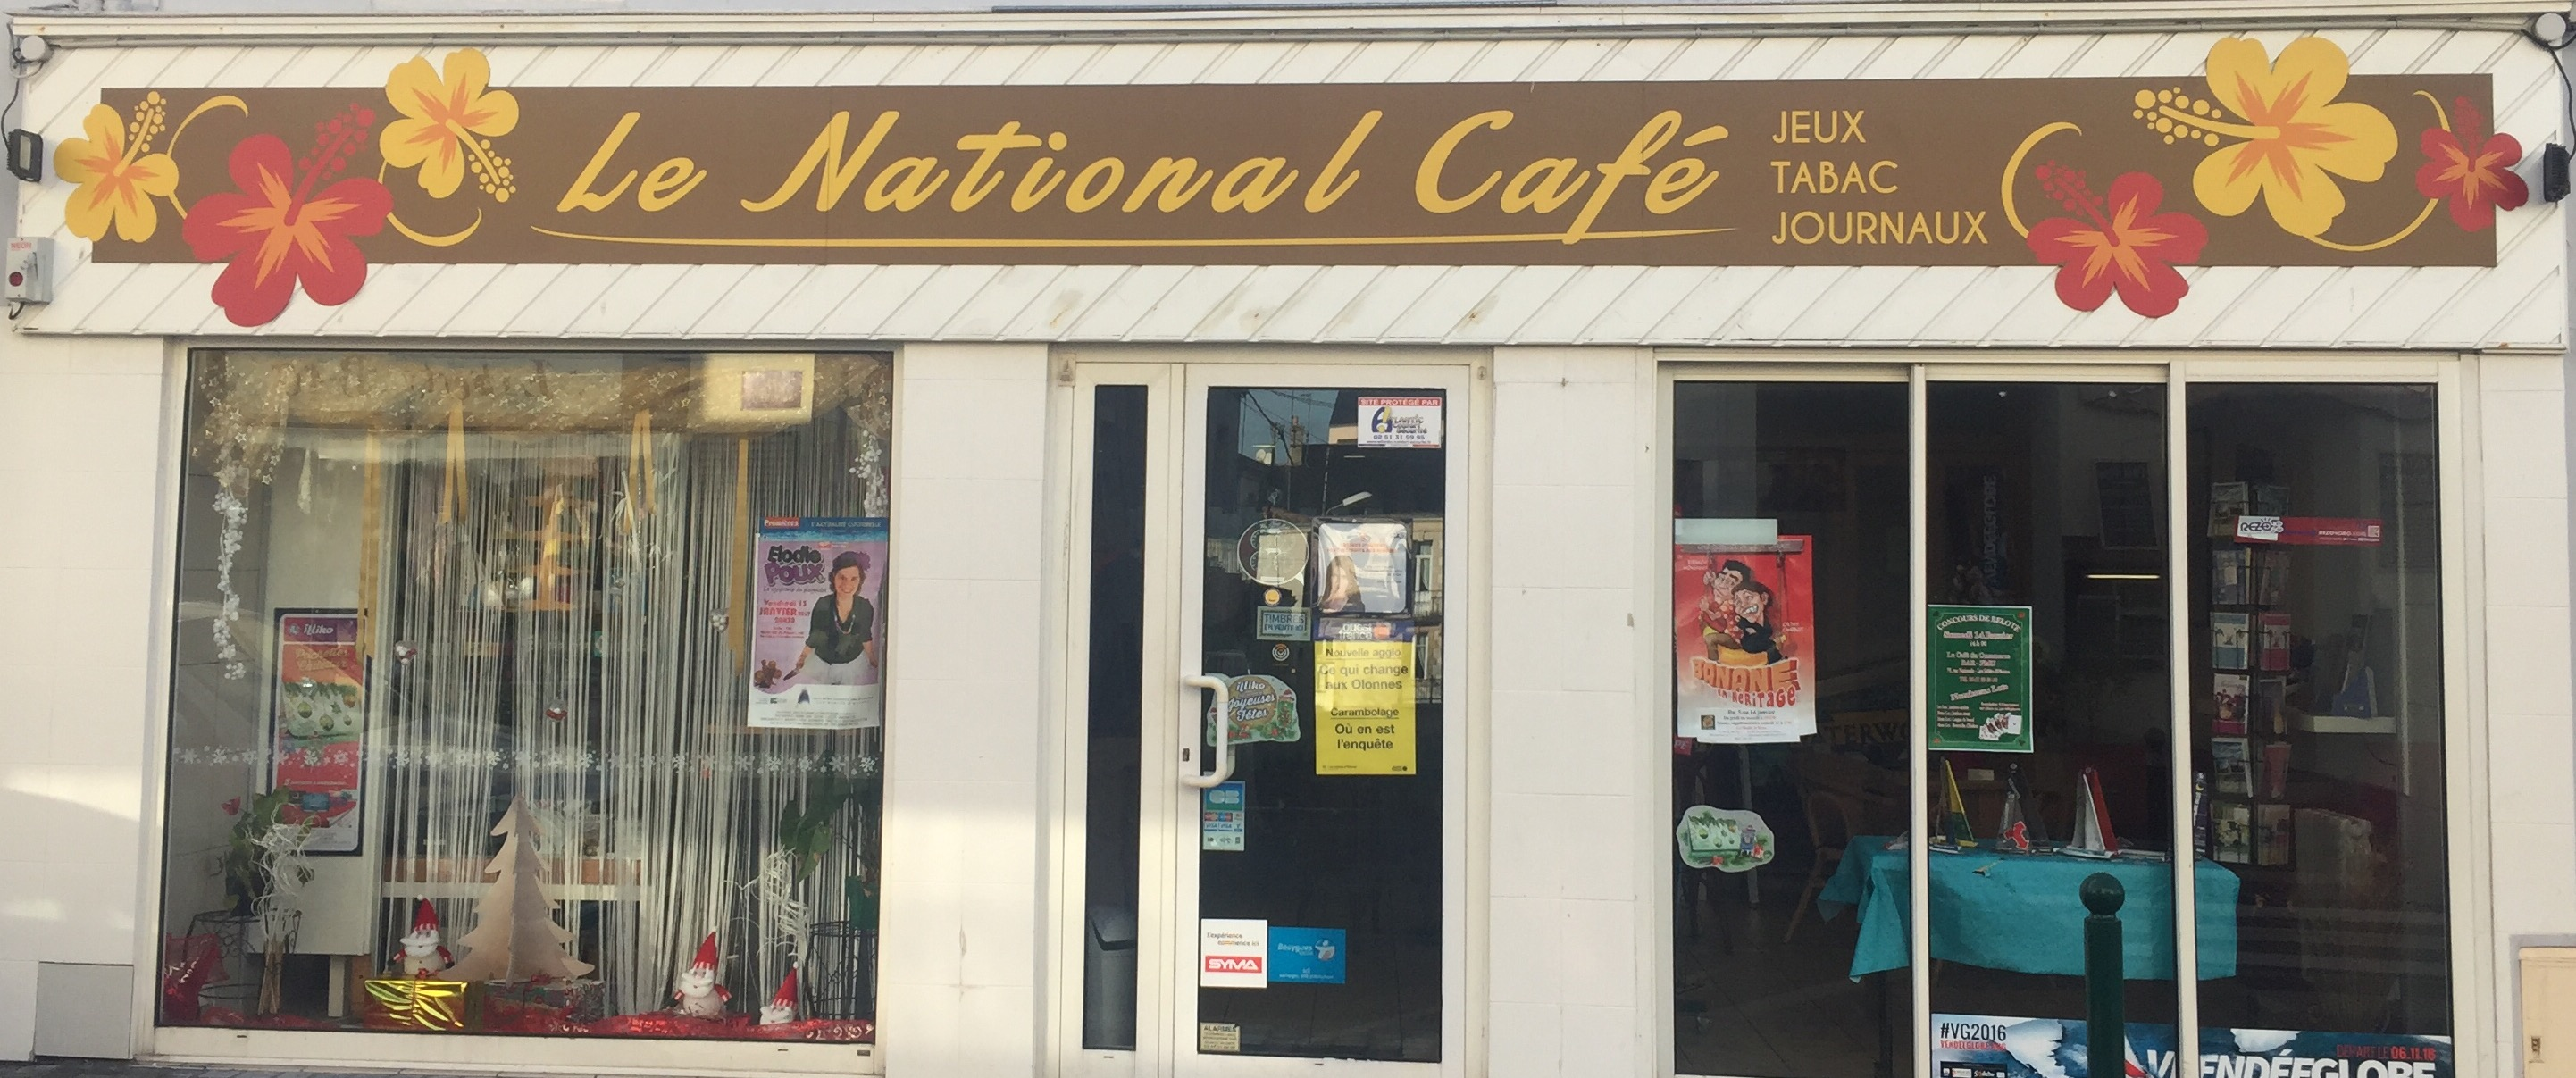 NATIONAL Café